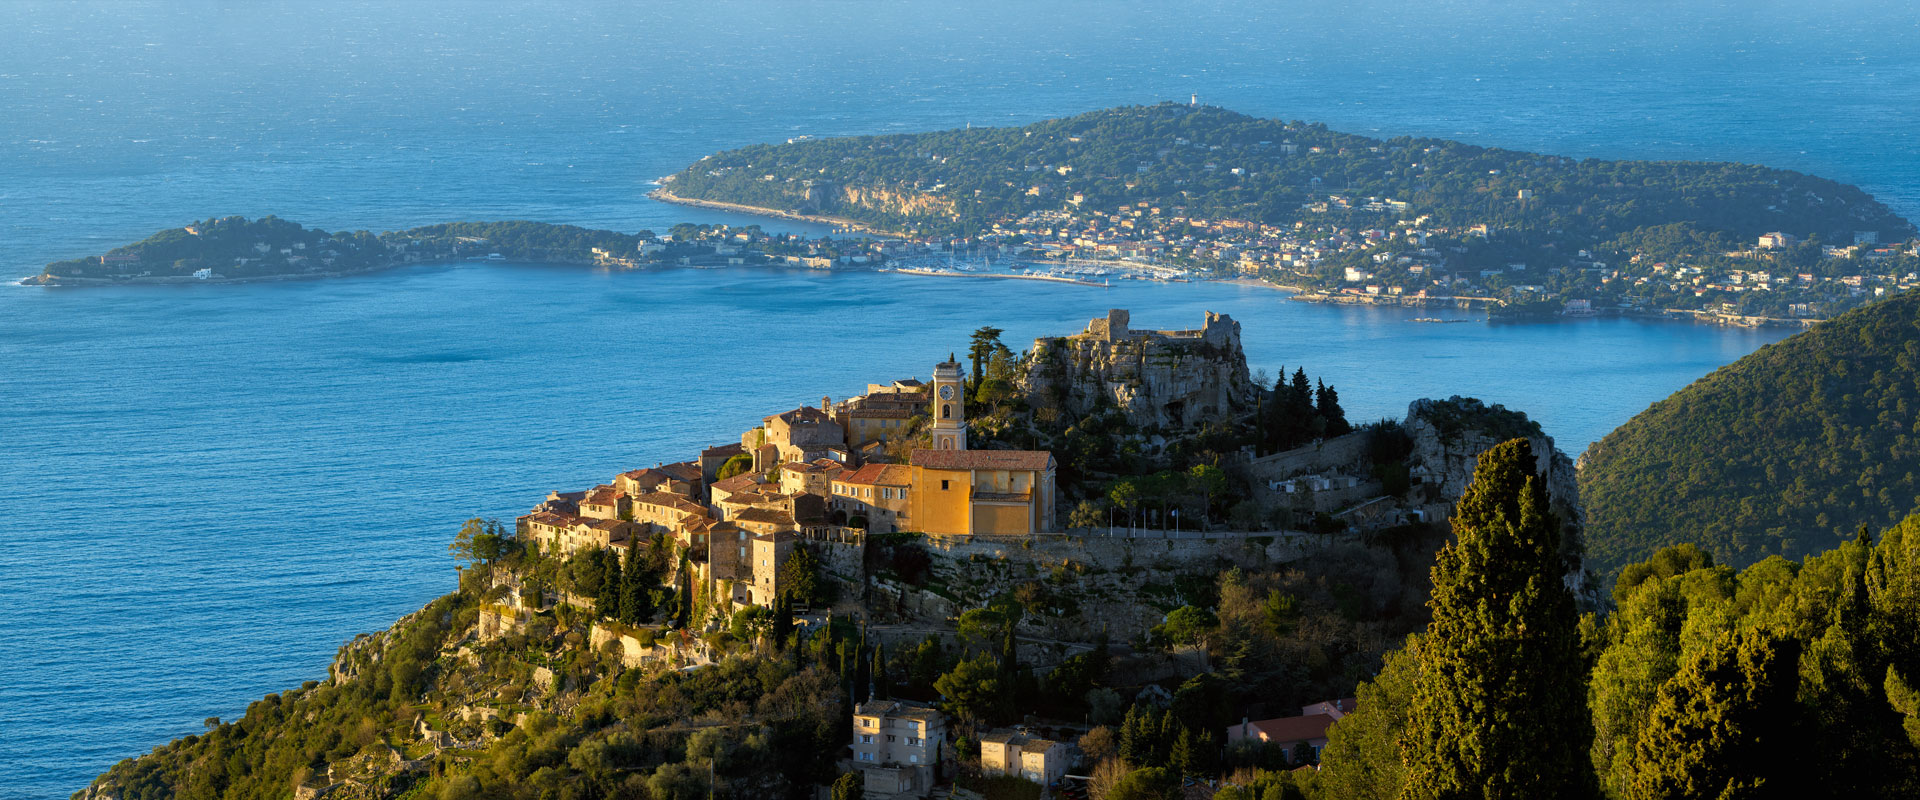 Côte d'Azur: Bjerge og kyst